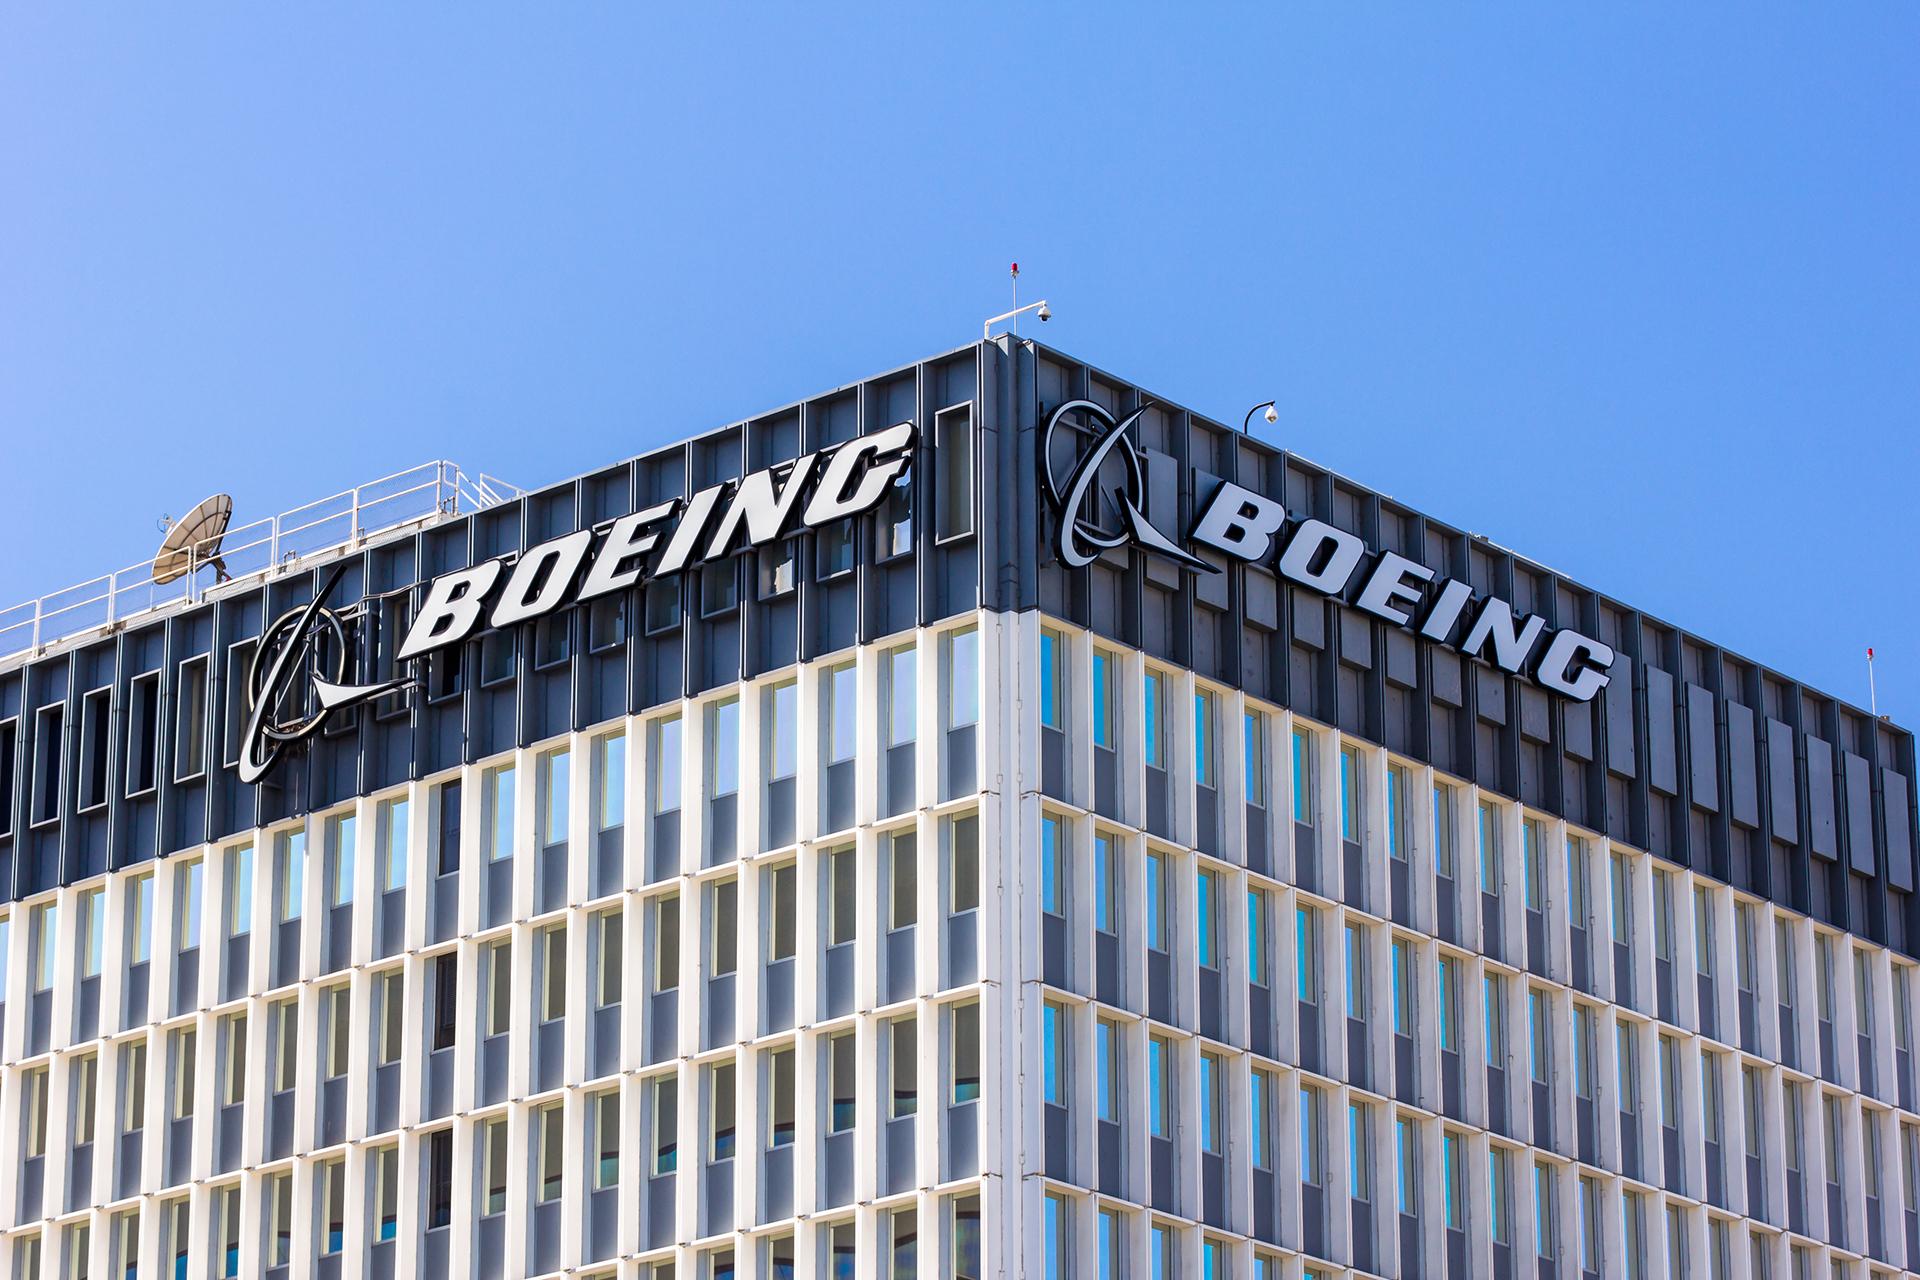 Boeing entregó en abril 23 aviones y no recibió pedido alguno